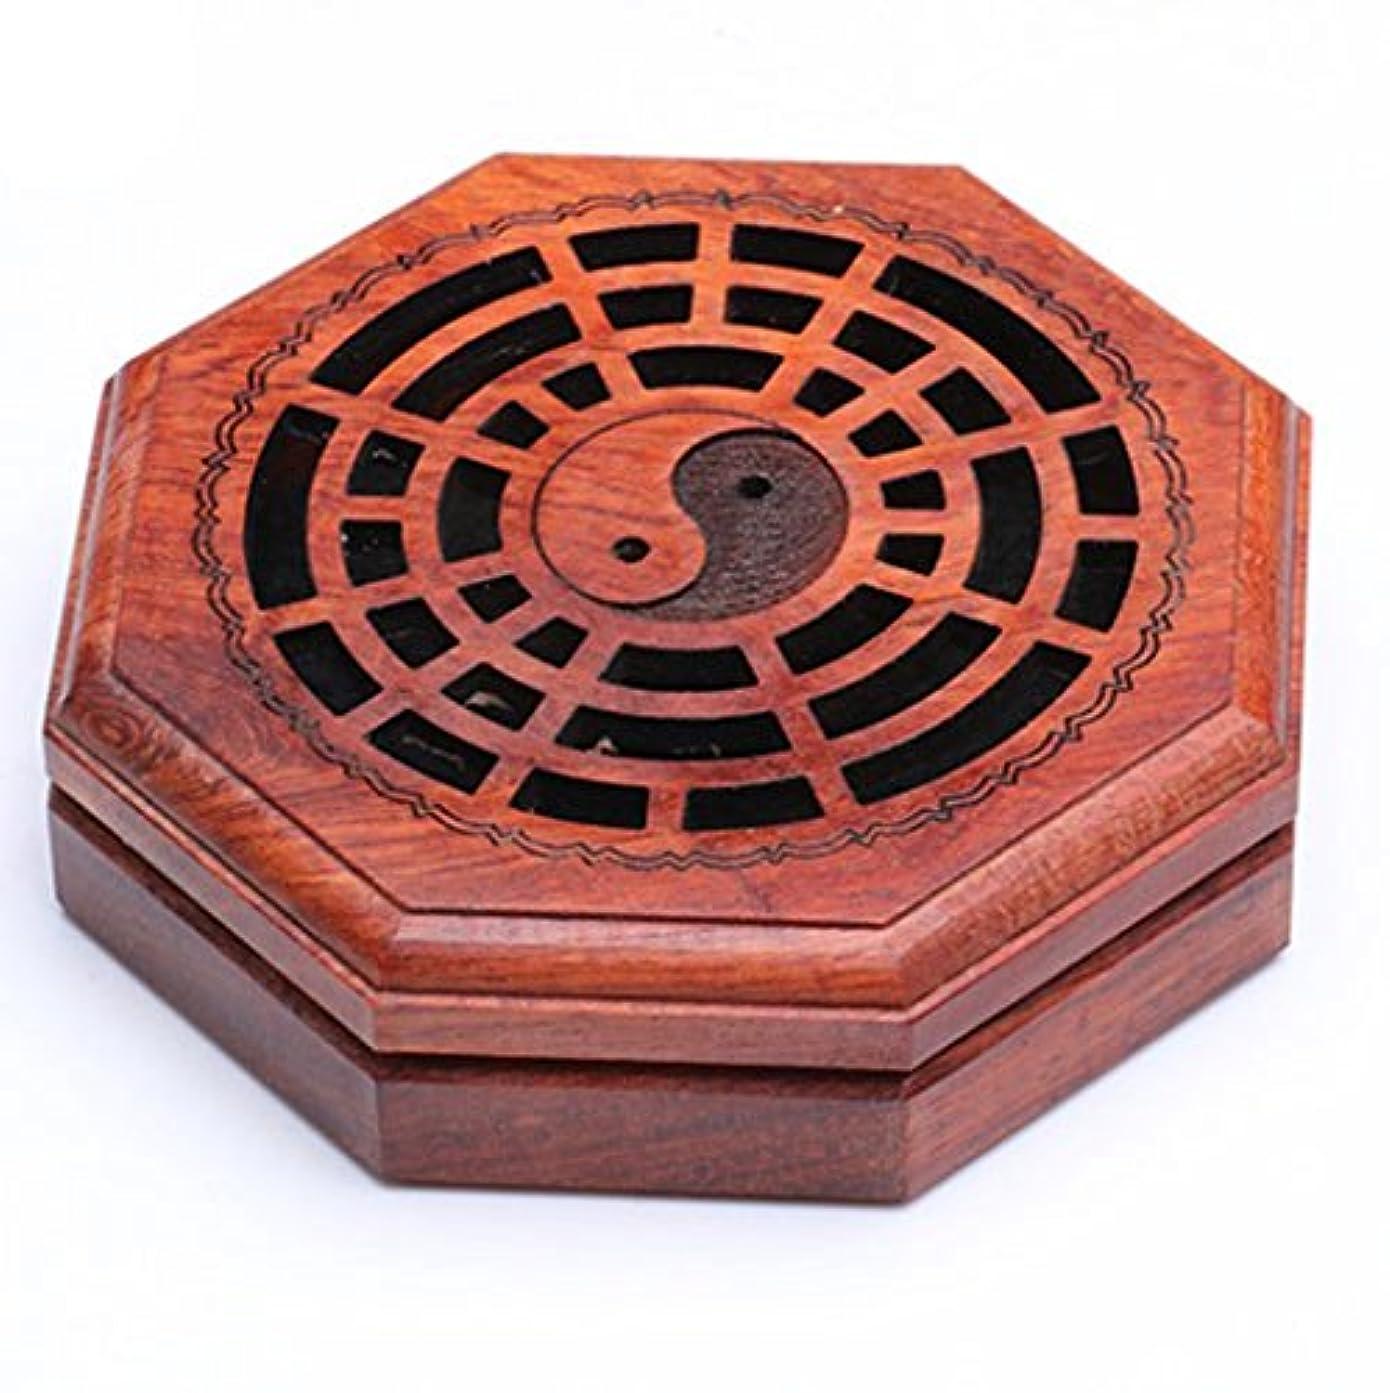 ええ醜い広大な(ラシューバー) Lasuiveur 香炉 線香立て 香立て 職人さんの手作り 茶道用品 おしゃれ  木製 透かし彫り